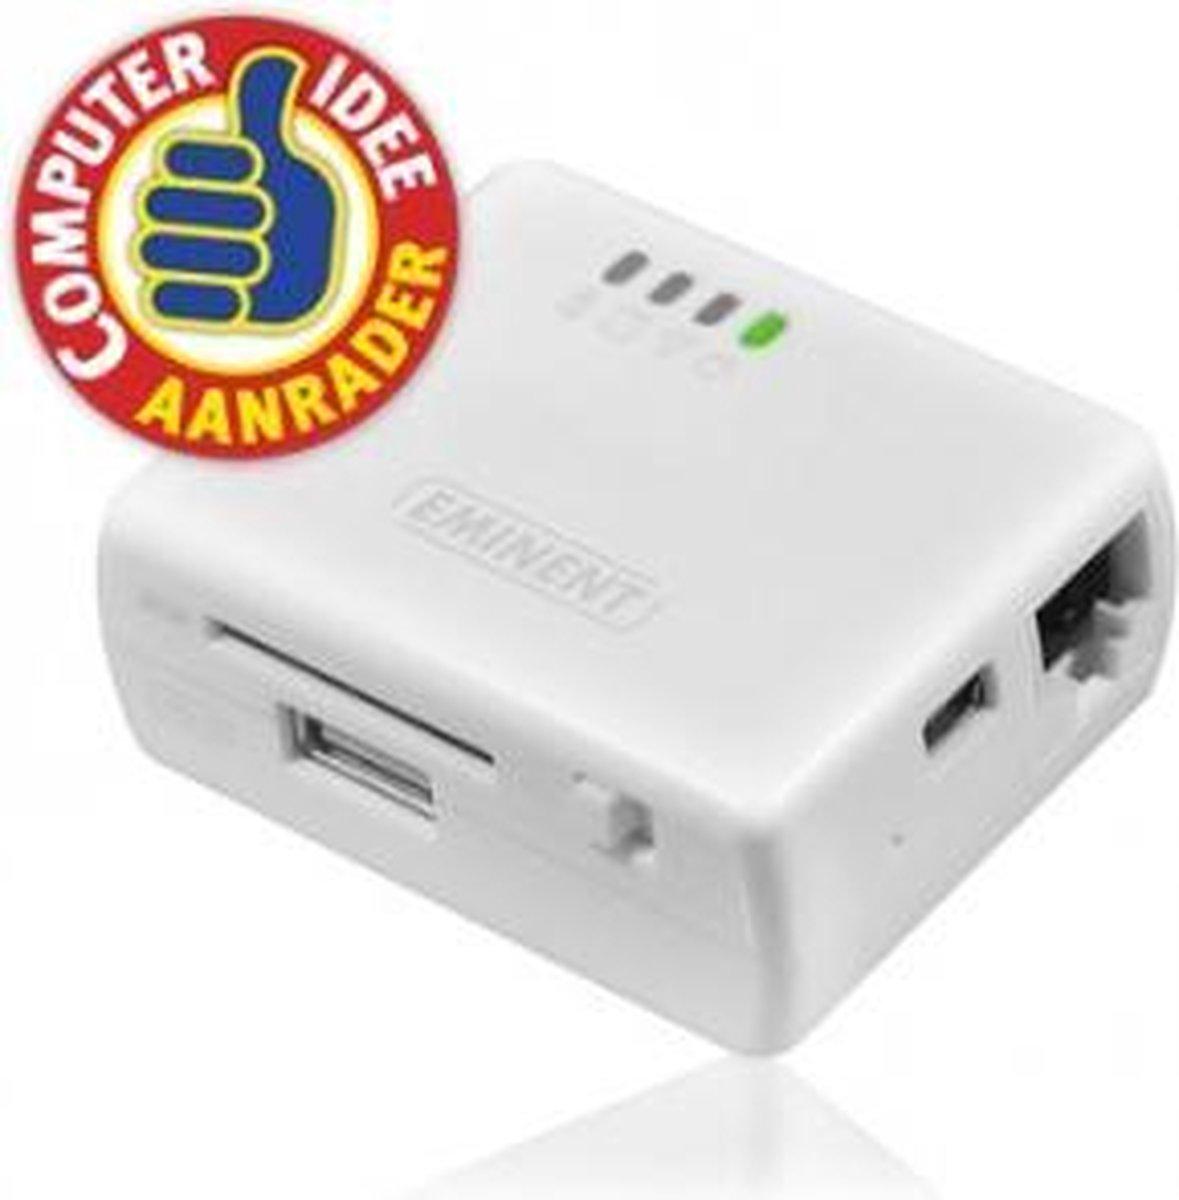 Eminent EM4610 WiFi Travel Reader - Wit